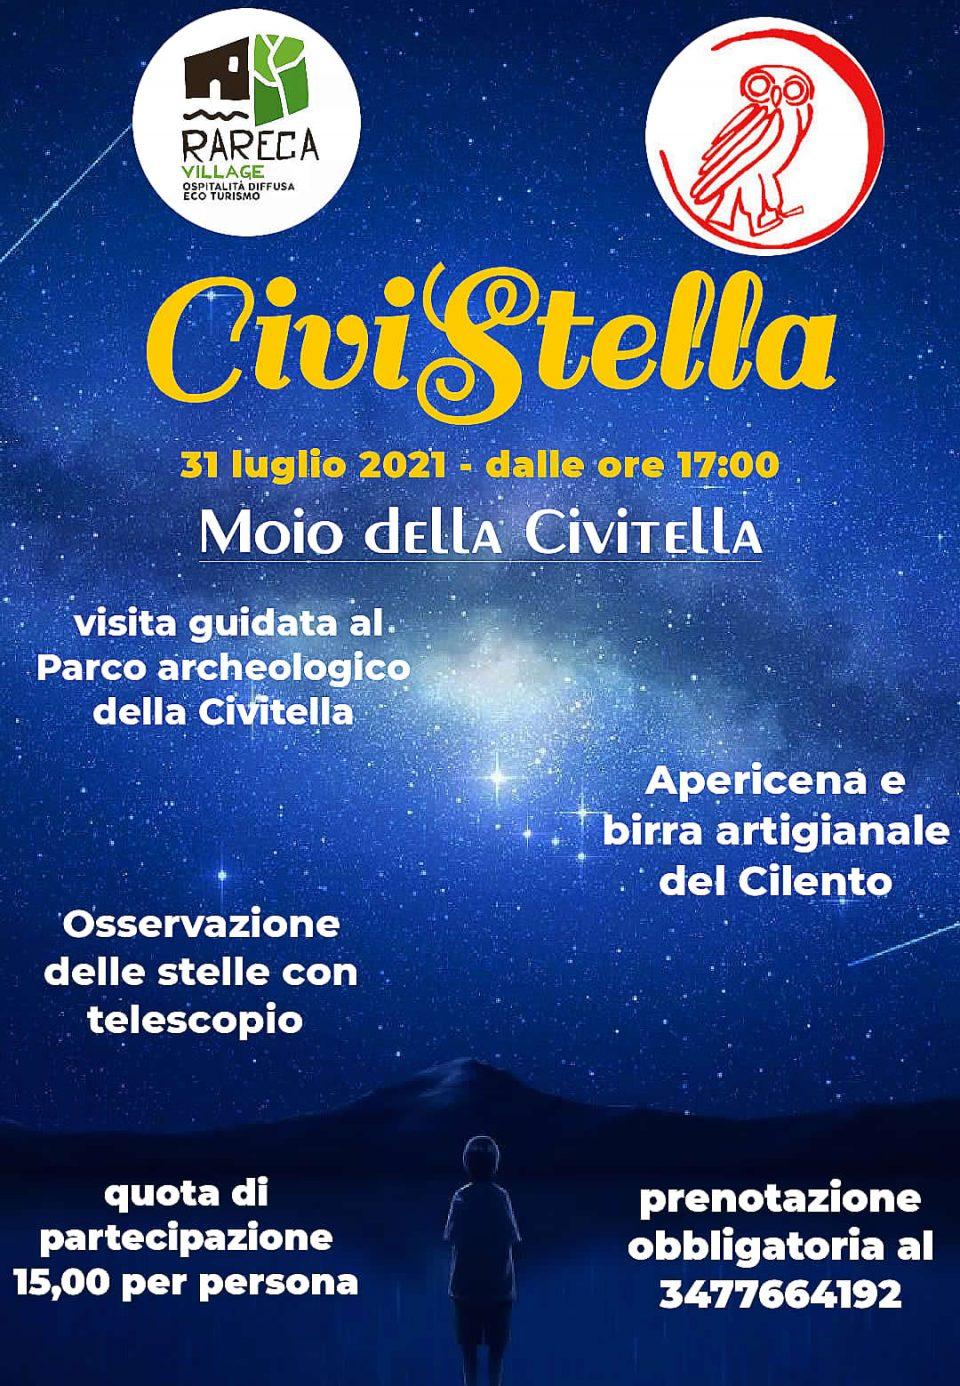 Civistella 2021 Moio della Civitella Cilento Programma 960x1386 - Moio della Civitella (SA), Civistella 2021 - 31/7/21